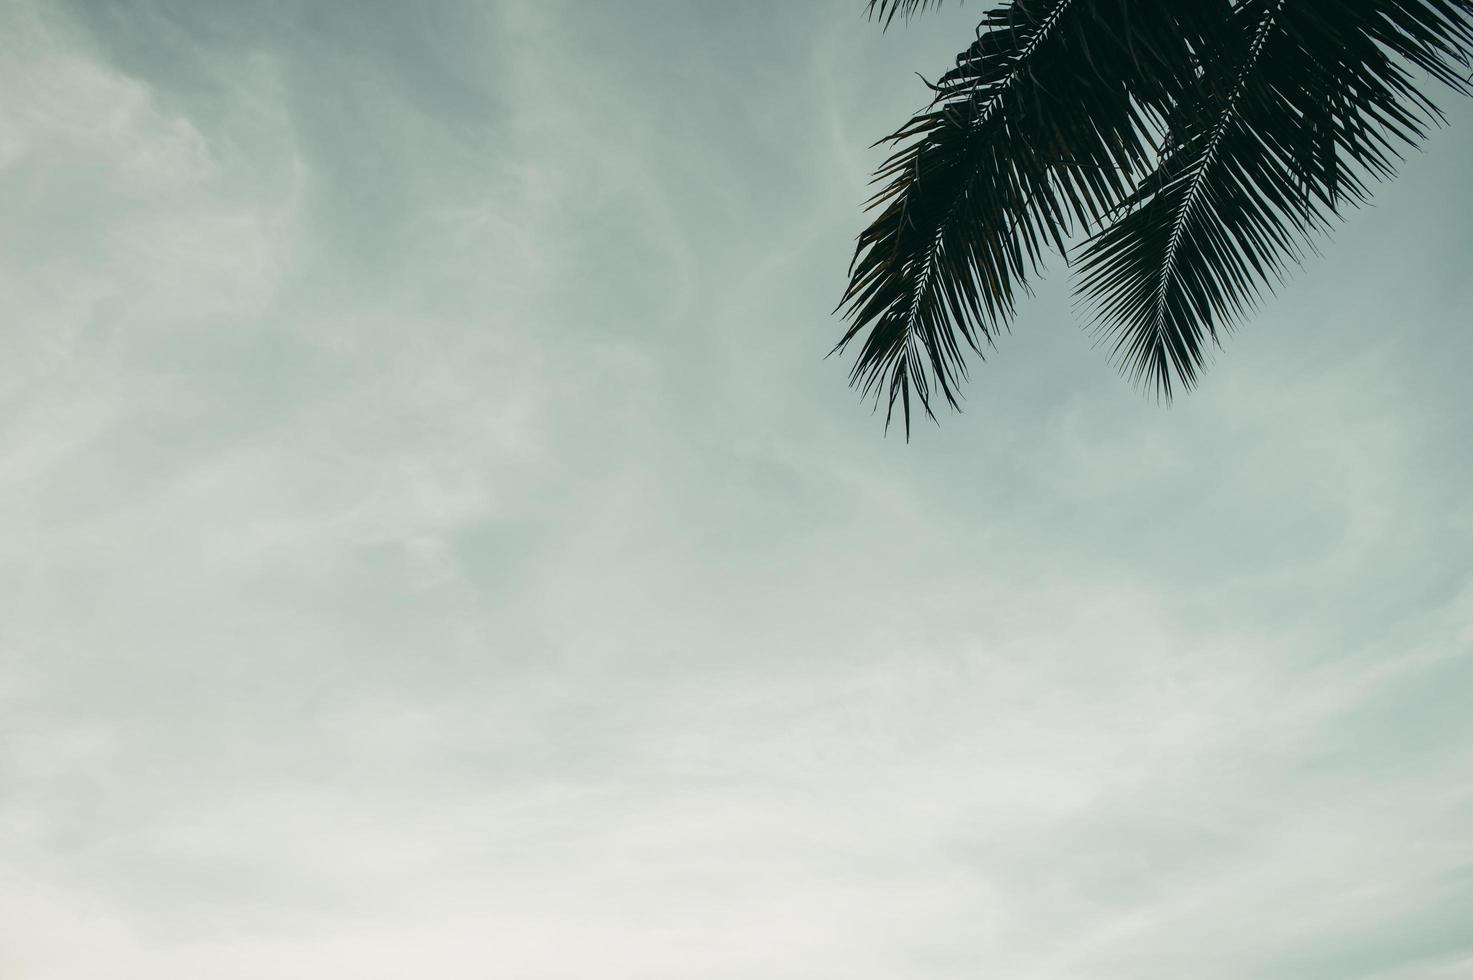 Jardins de cocotiers en Thaïlande photo